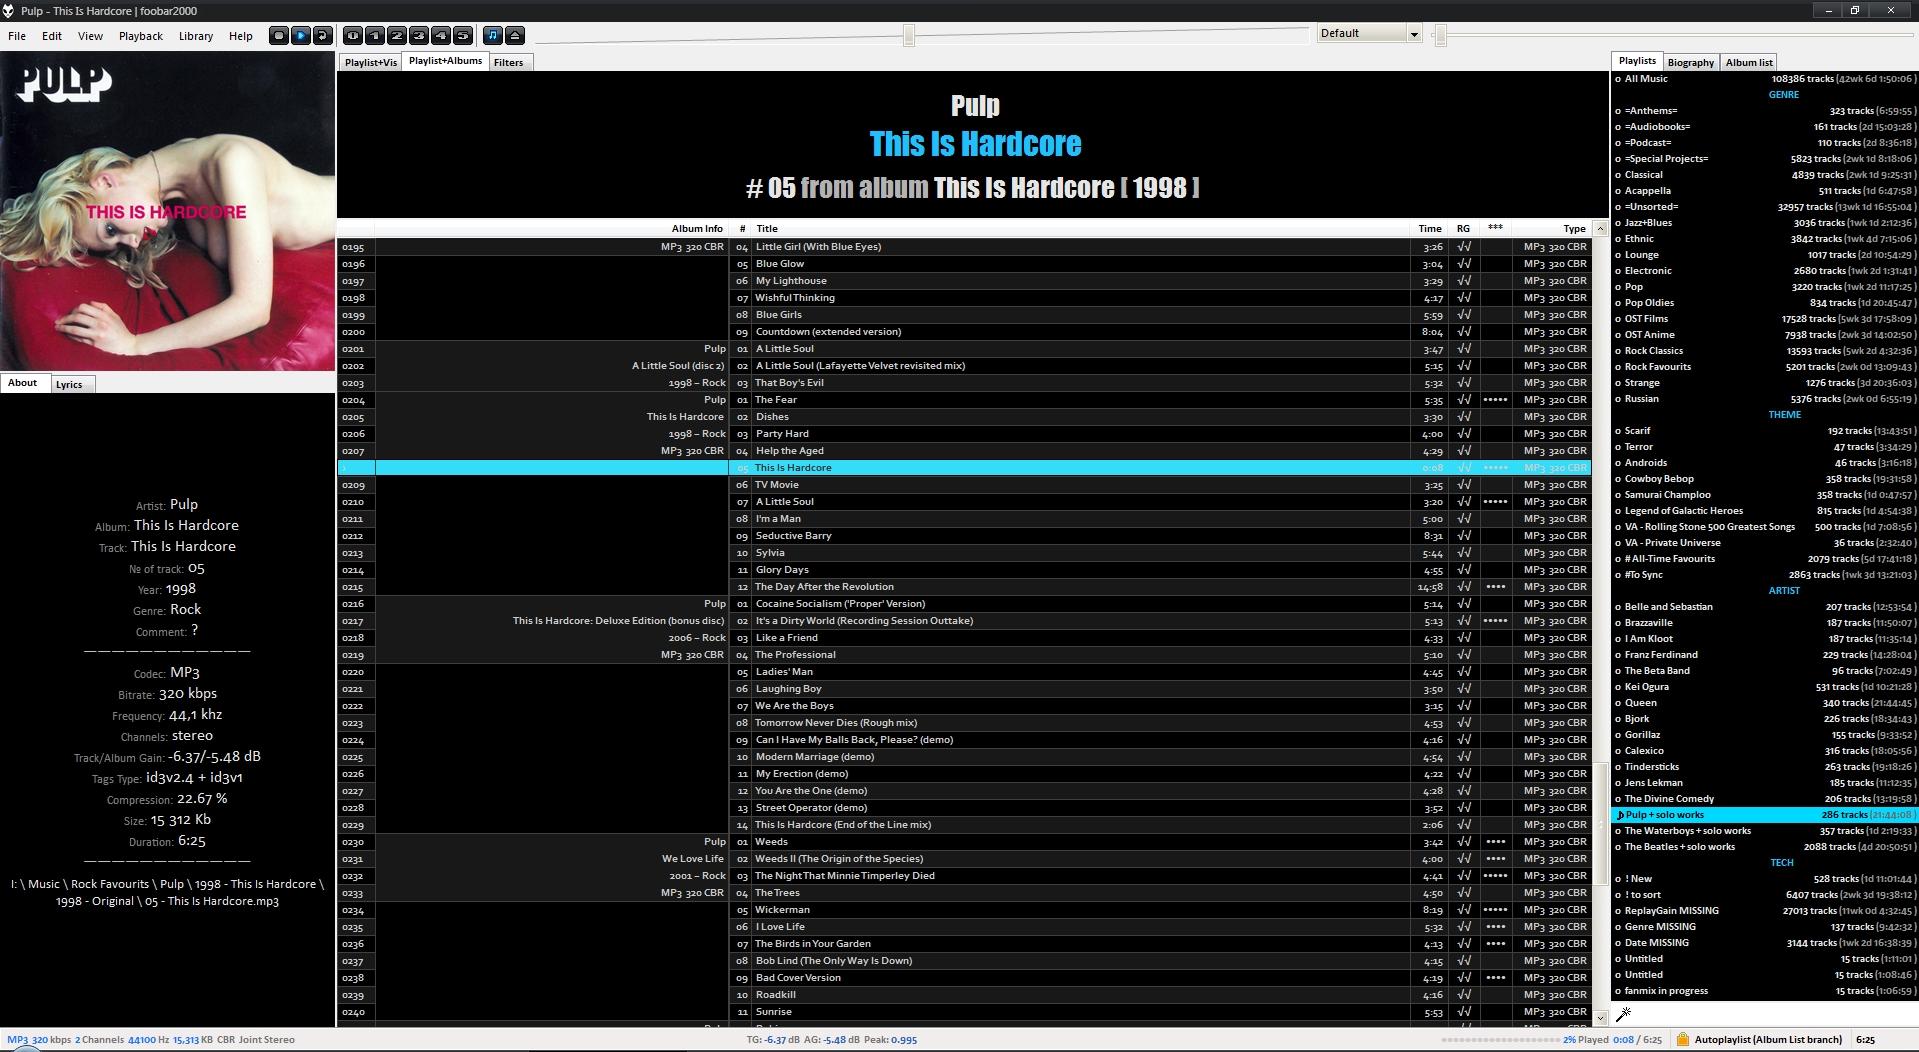 Foobar2000 in 2009-2020